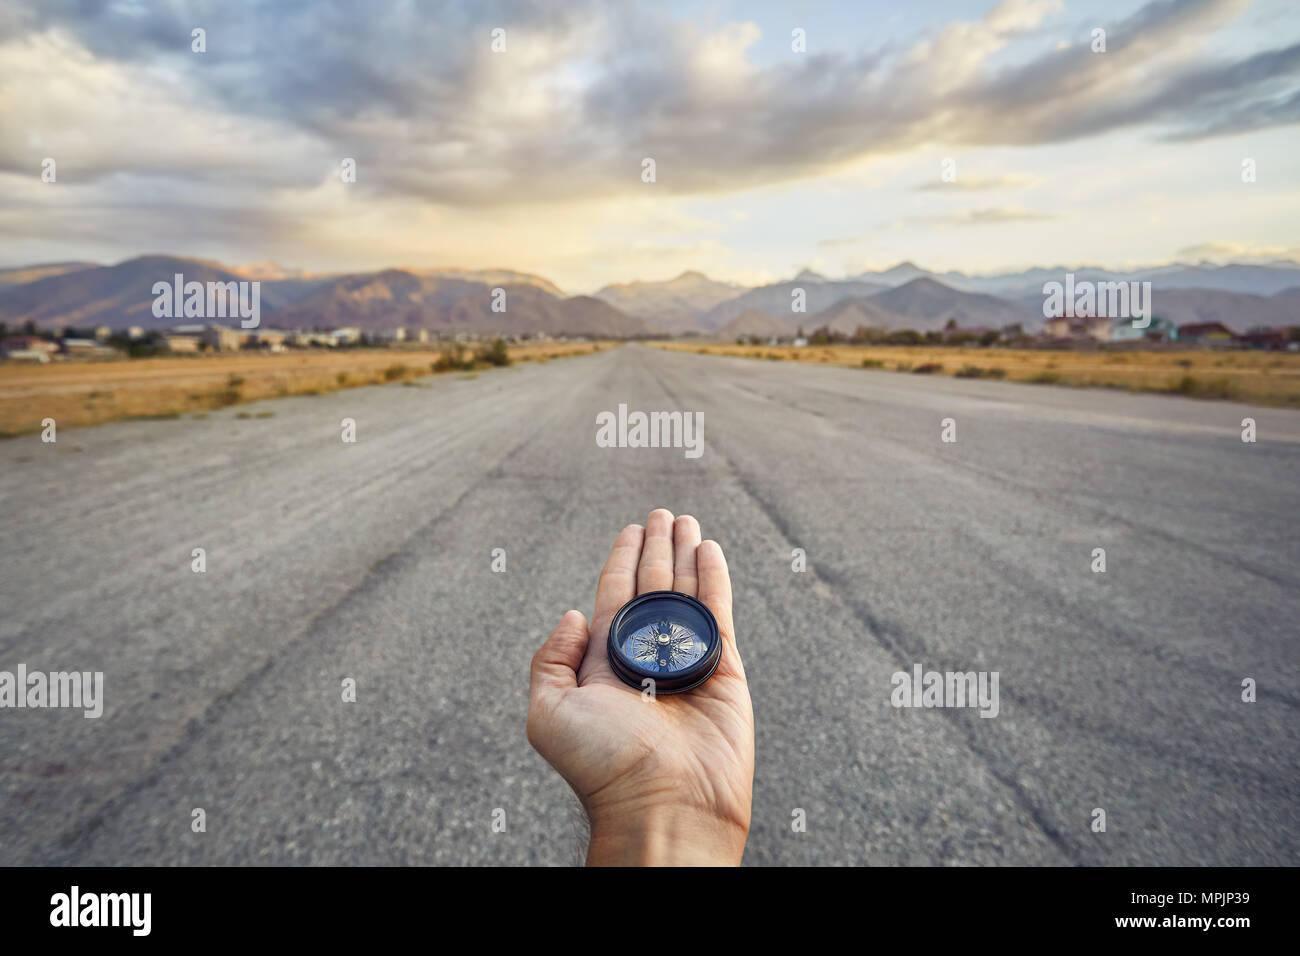 Traveler bussola di contenimento sulla strada con montagne di sunrise sky background. Viaggi e avventura concetto. Immagini Stock